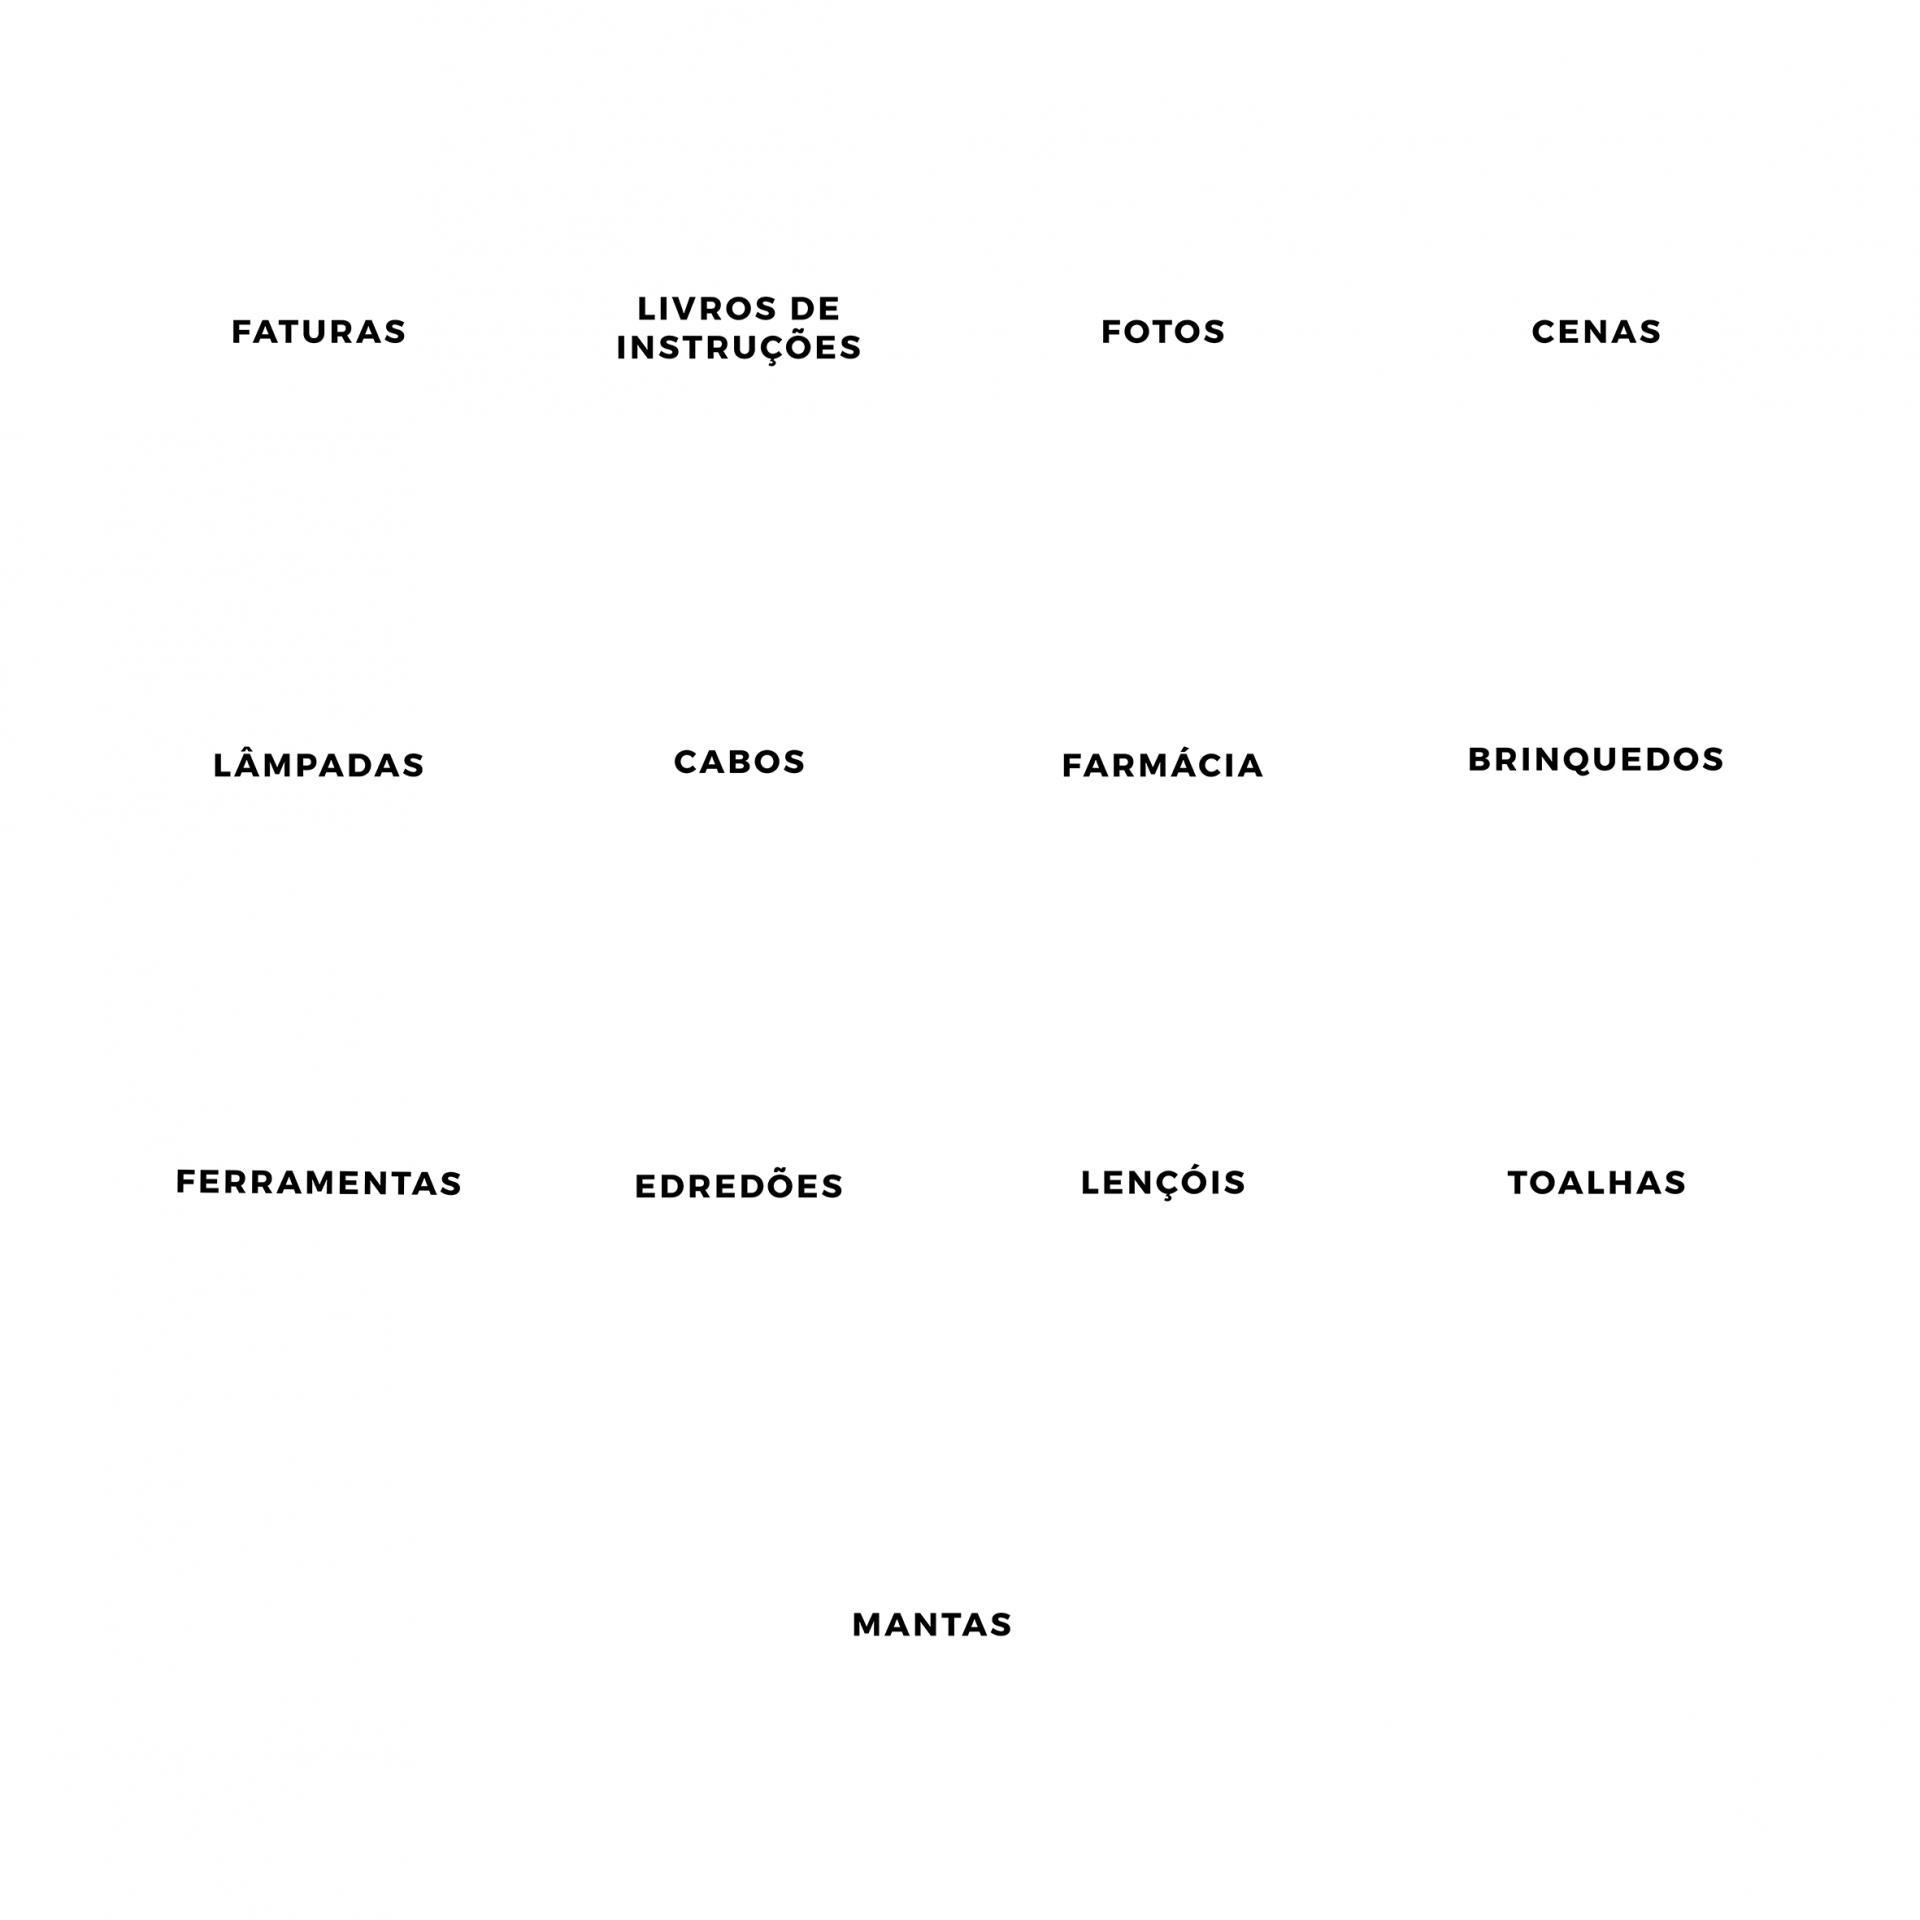 Kit de etiquetas de organização